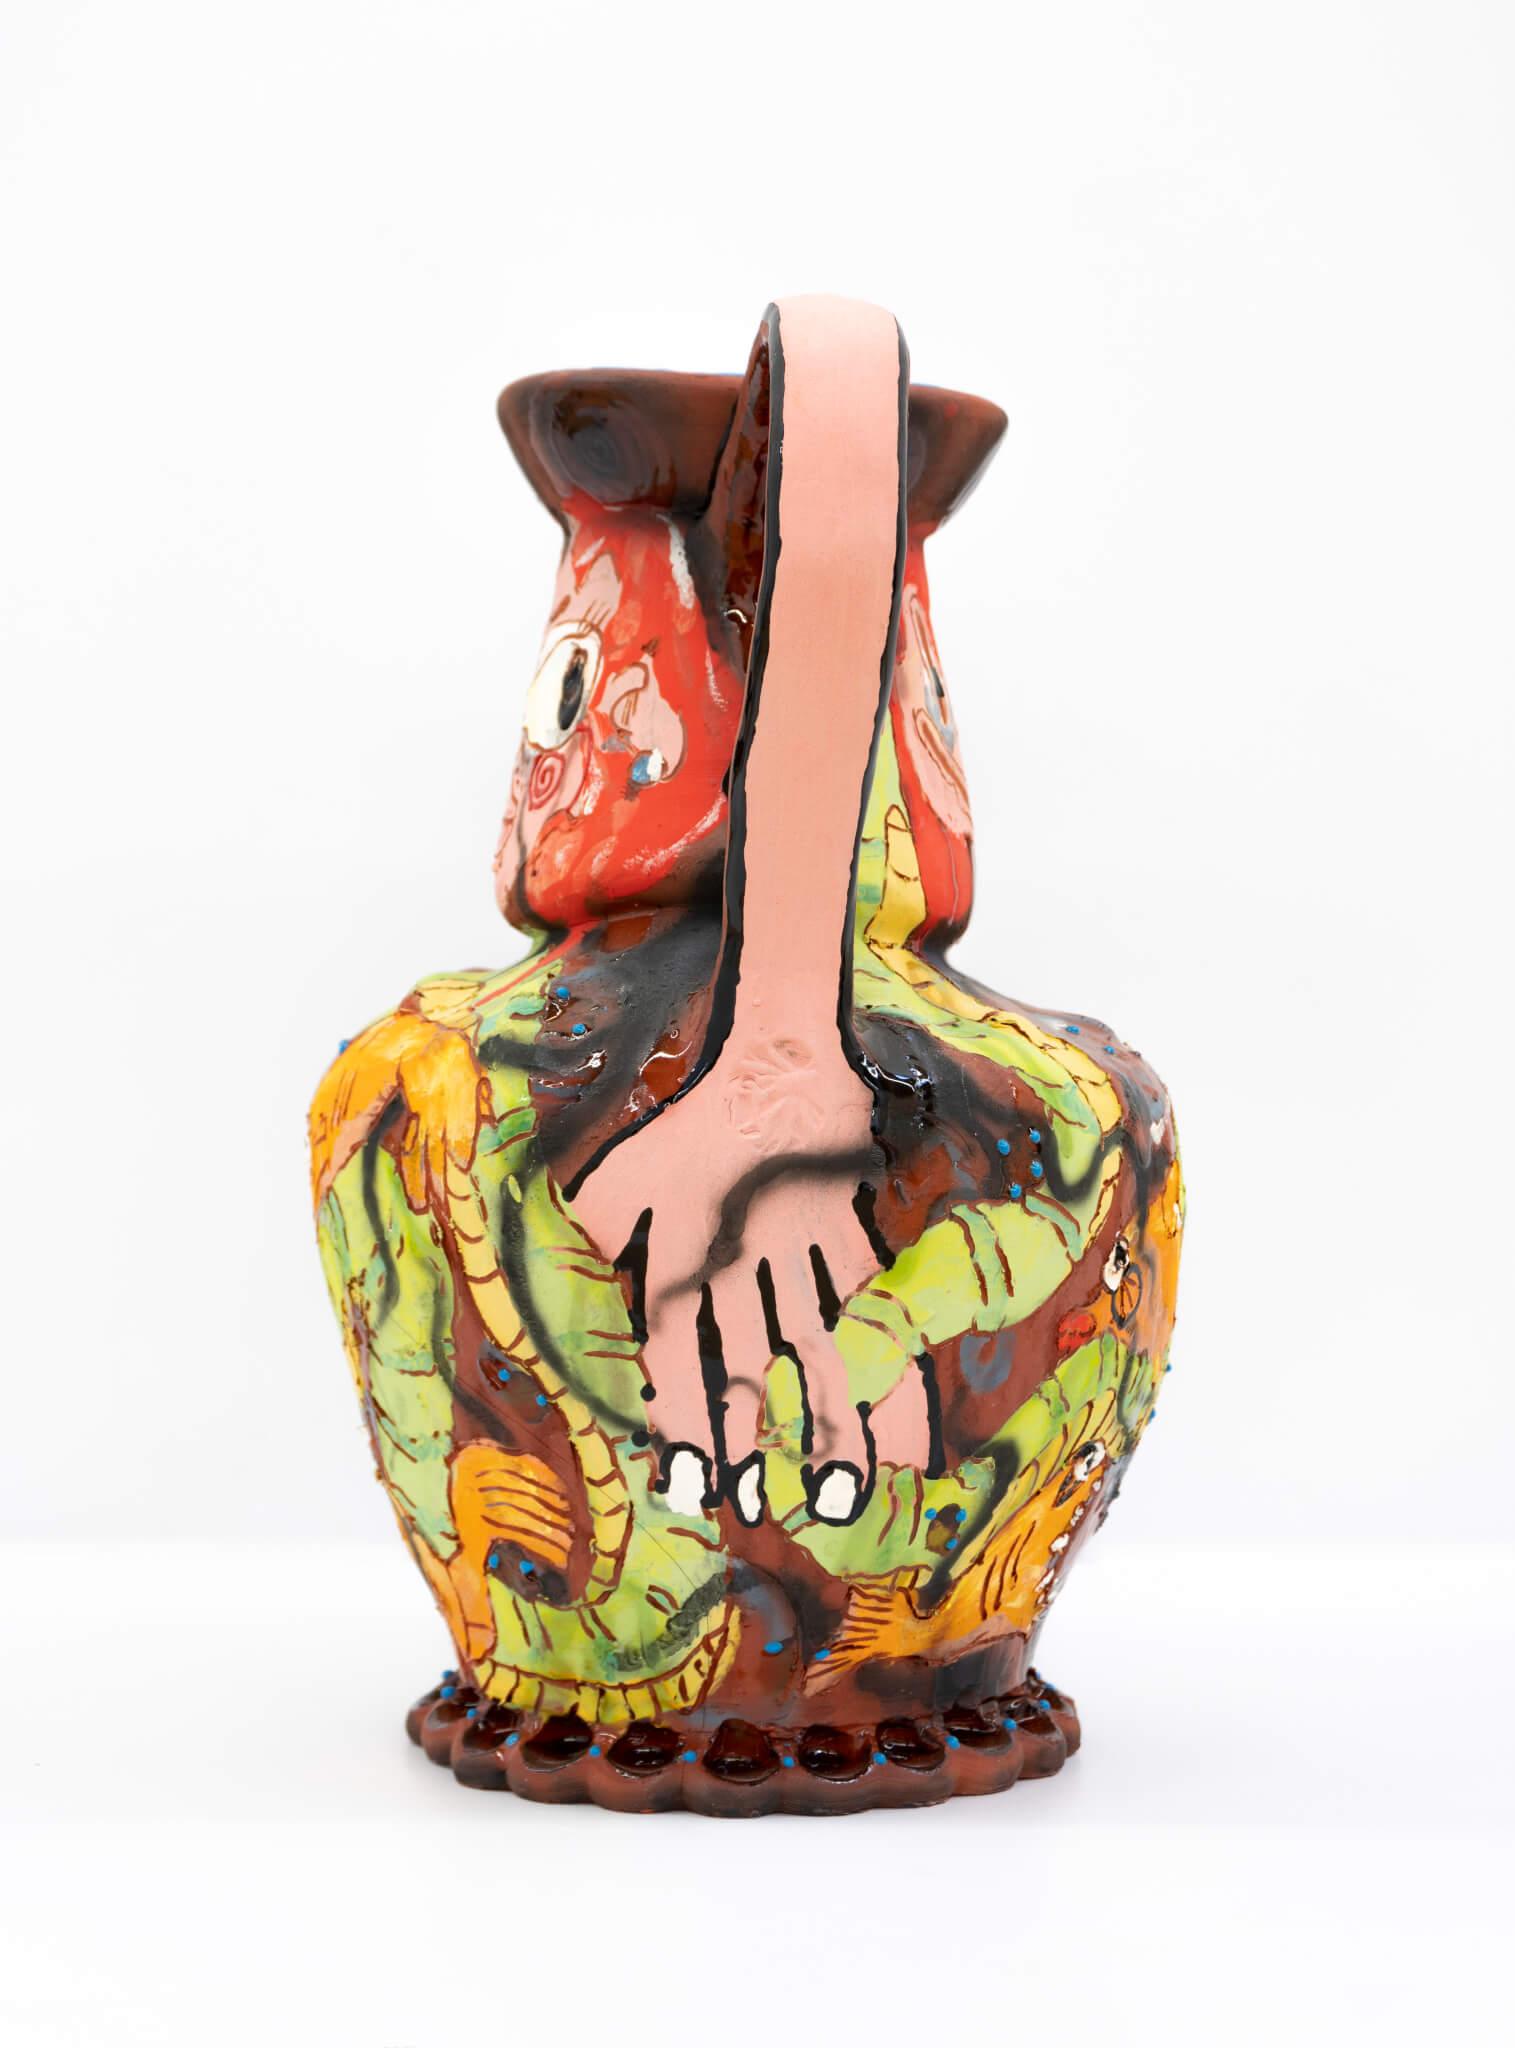 Farrag, Redqueen Jar, 2019 (SF 19.033) B